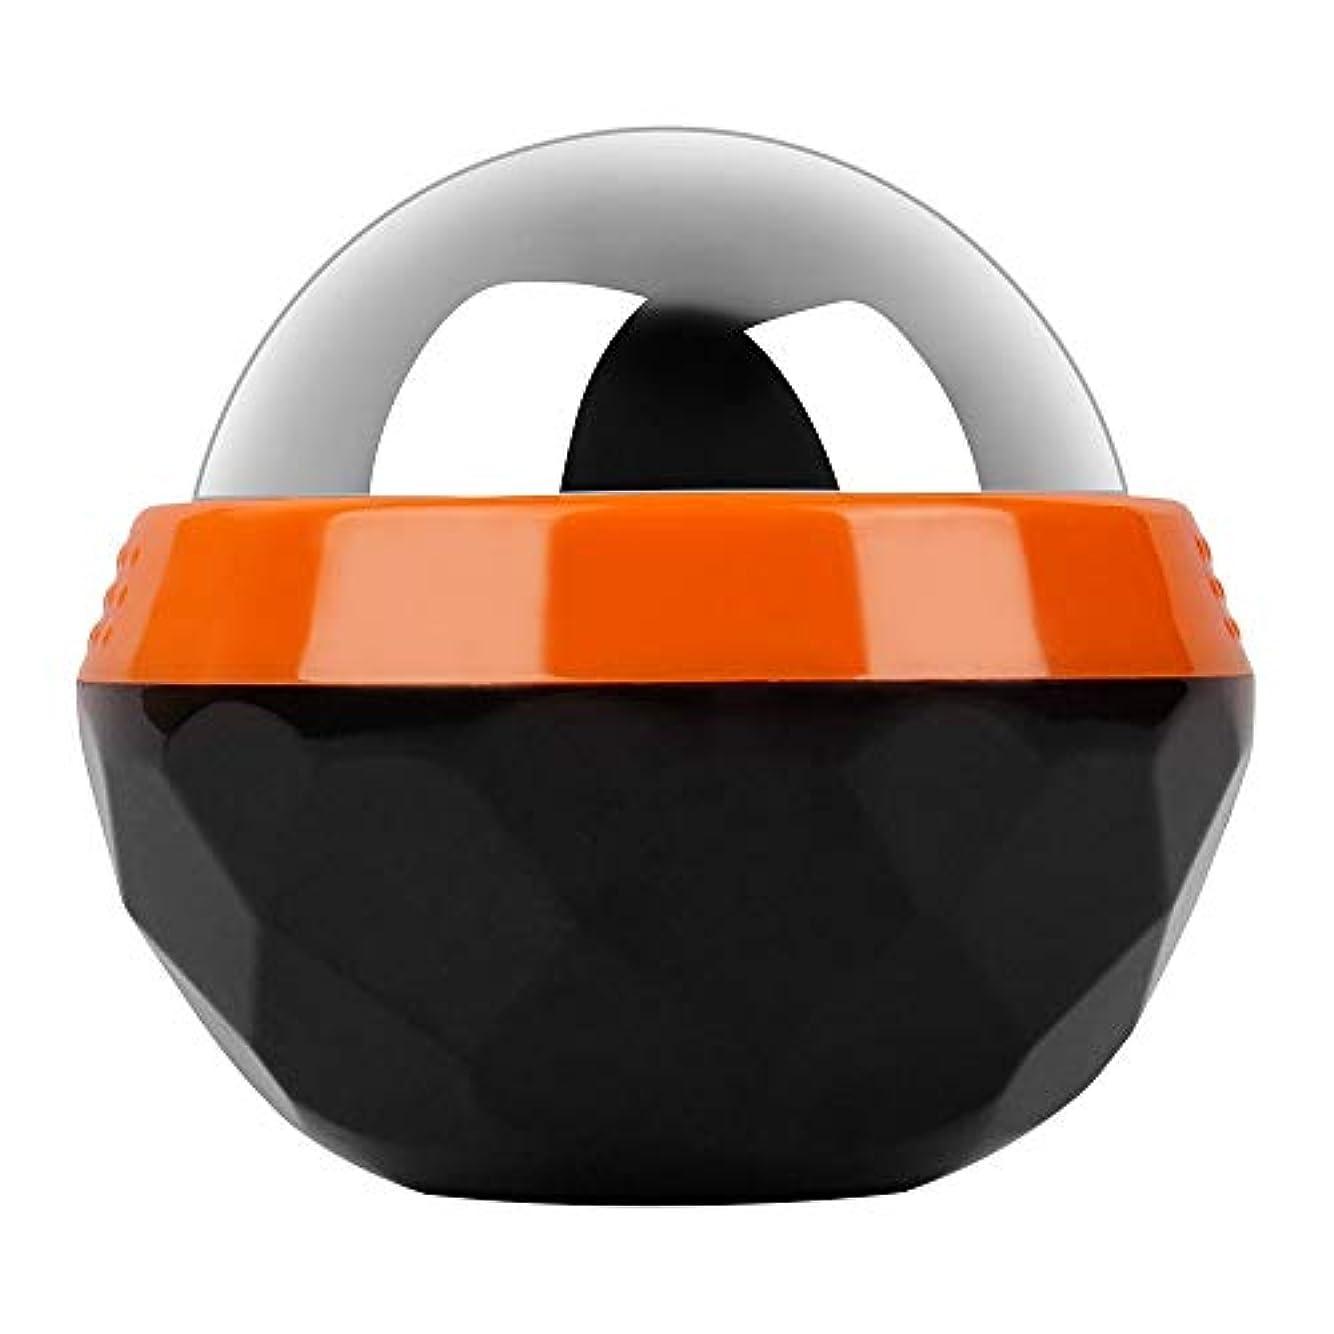 コンクリートジョリーシマウマGeTooコールドマッサージローラーボール-2.4インチの氷球は6時間冷たさを持続、アイスセラピーディープティッシュマッサージ、オレンジとブラック